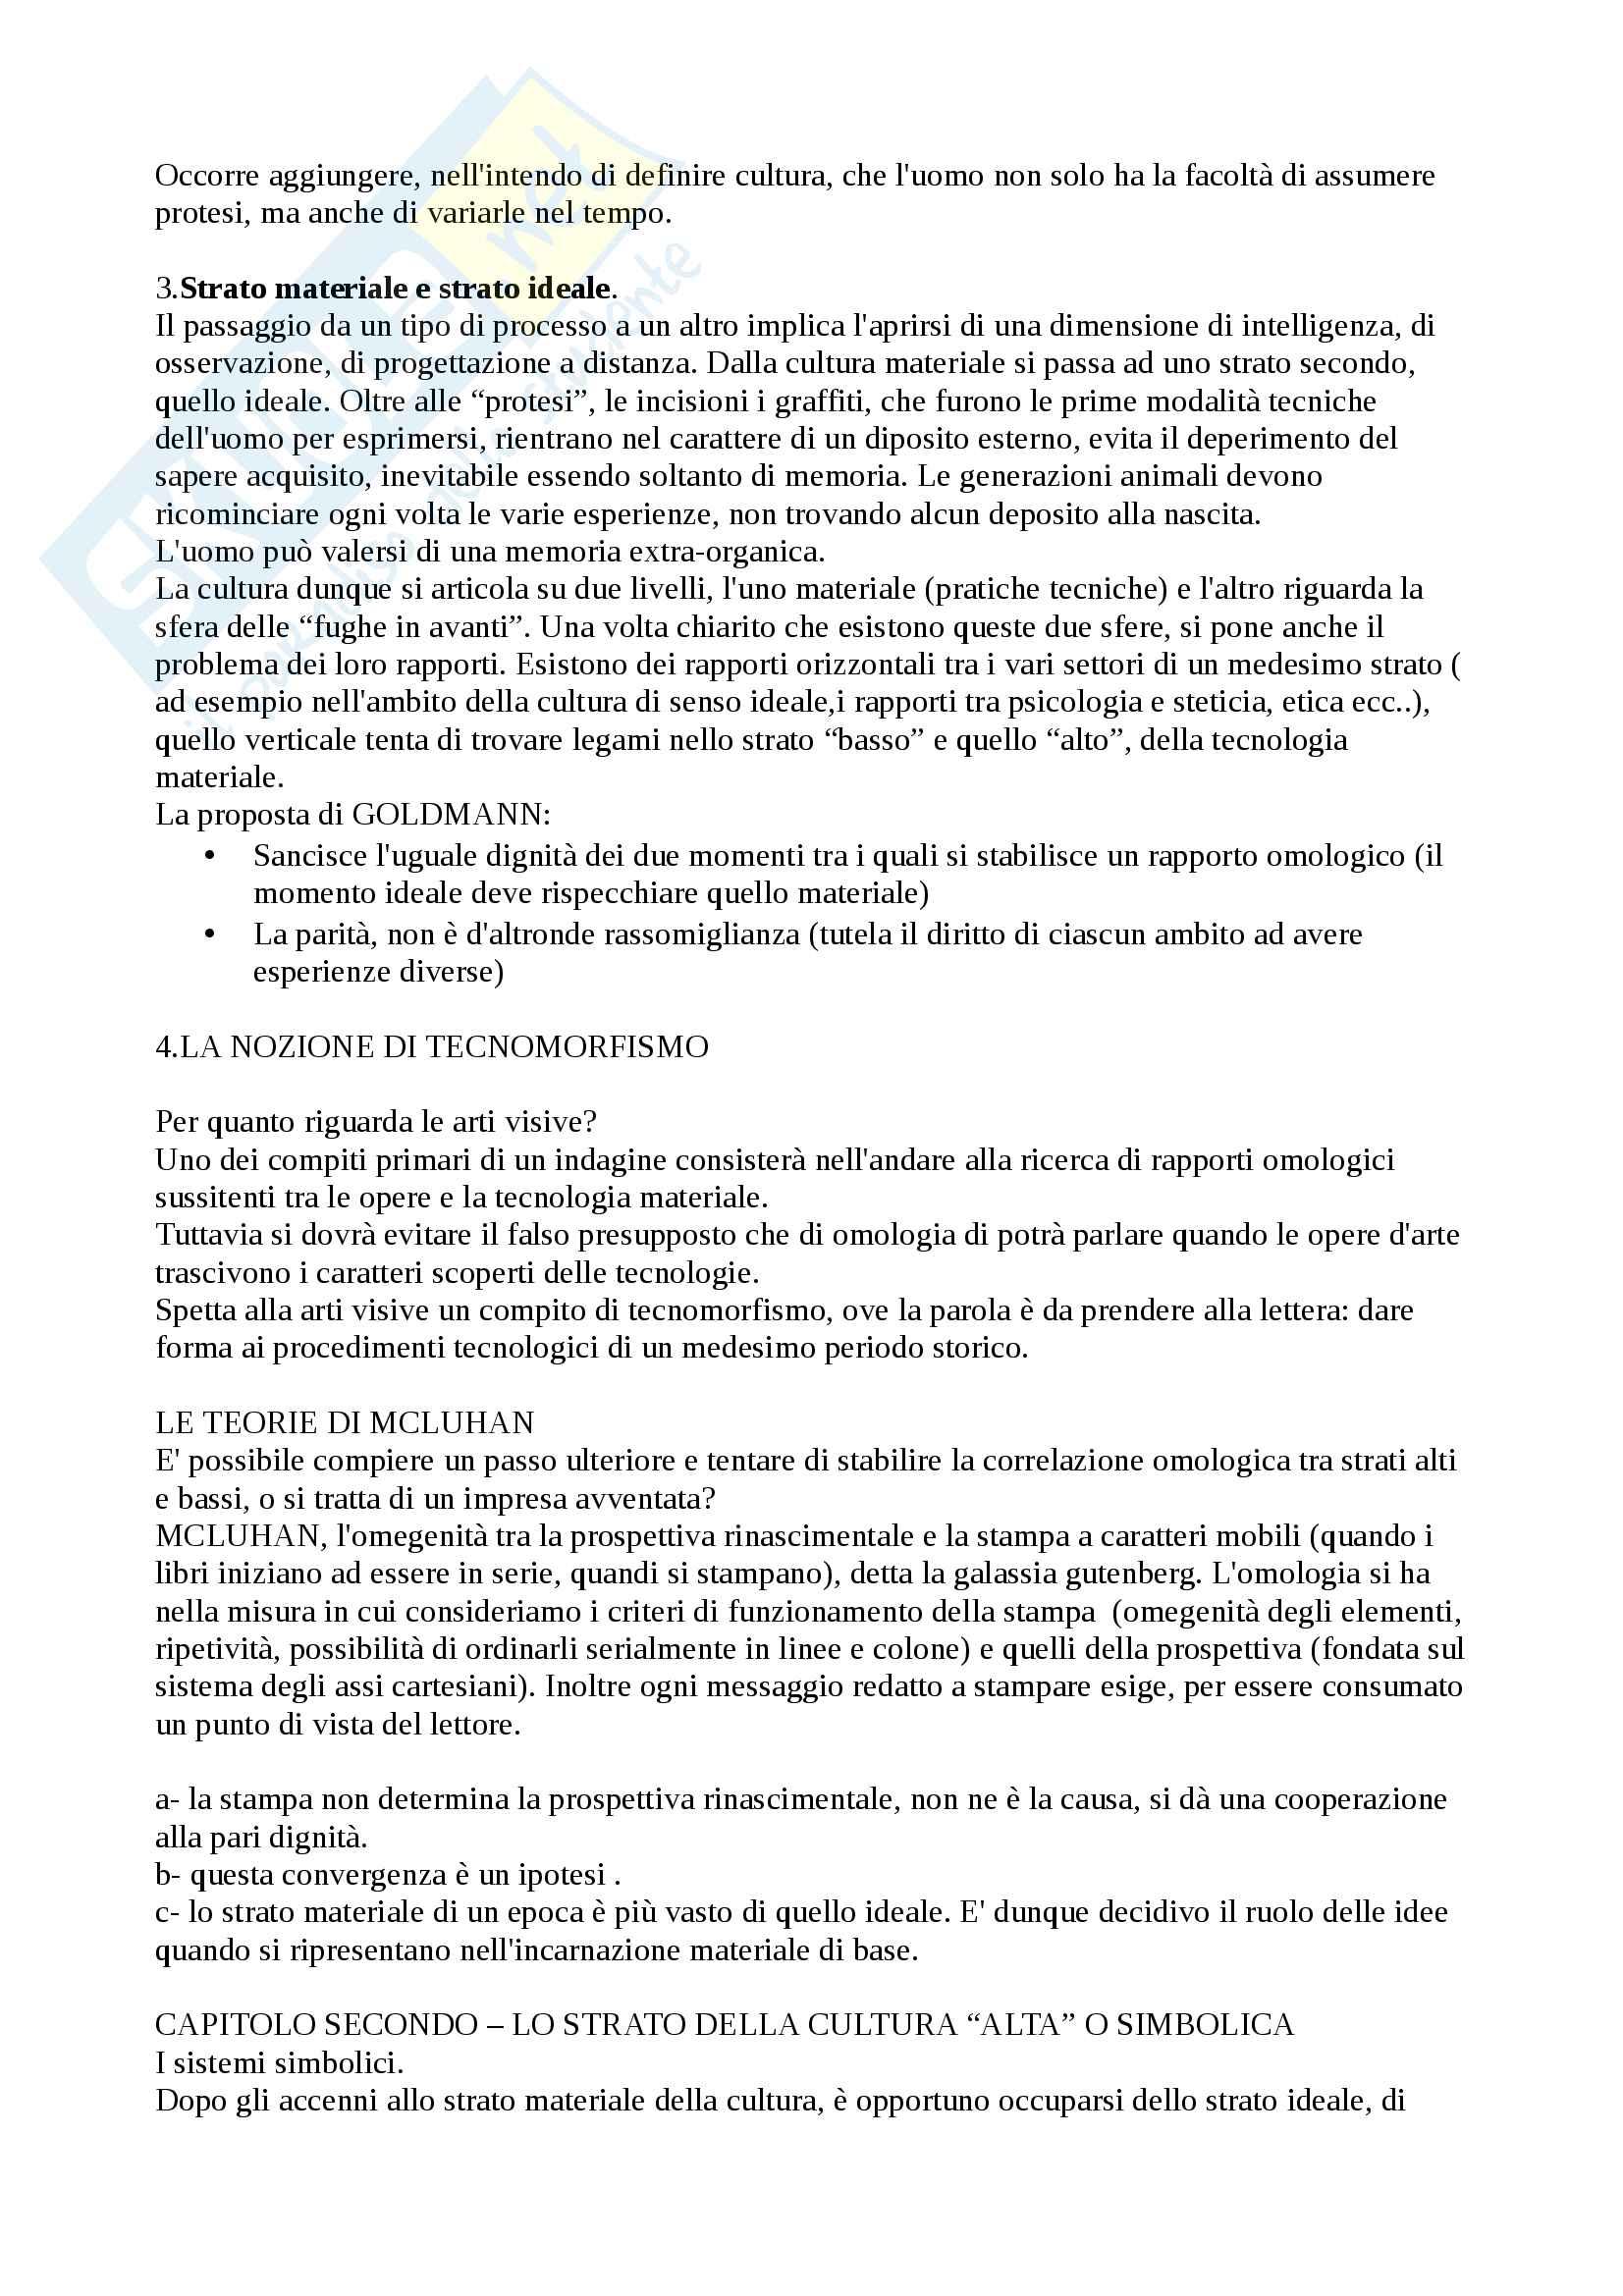 Riassunto esame di fenomenologia degli stili, Prof Tunisini, libro consigliato Barilli, Scienza della cultura e fenomenologia degli stili Pag. 2